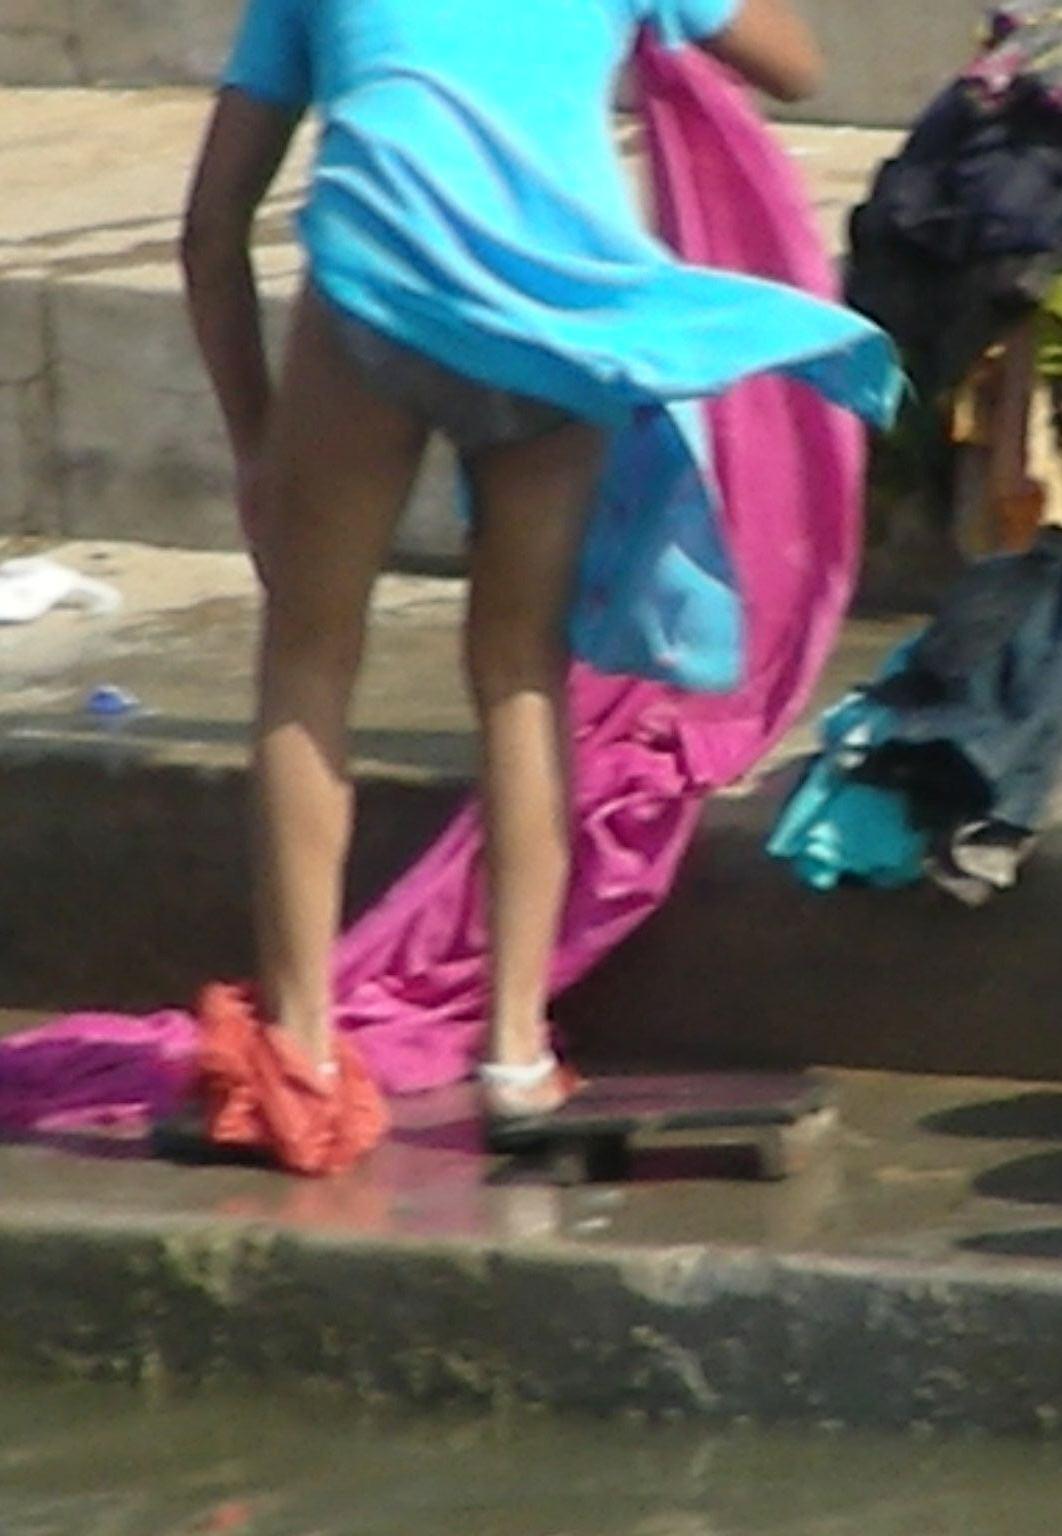 bathing suit butt cracks girls